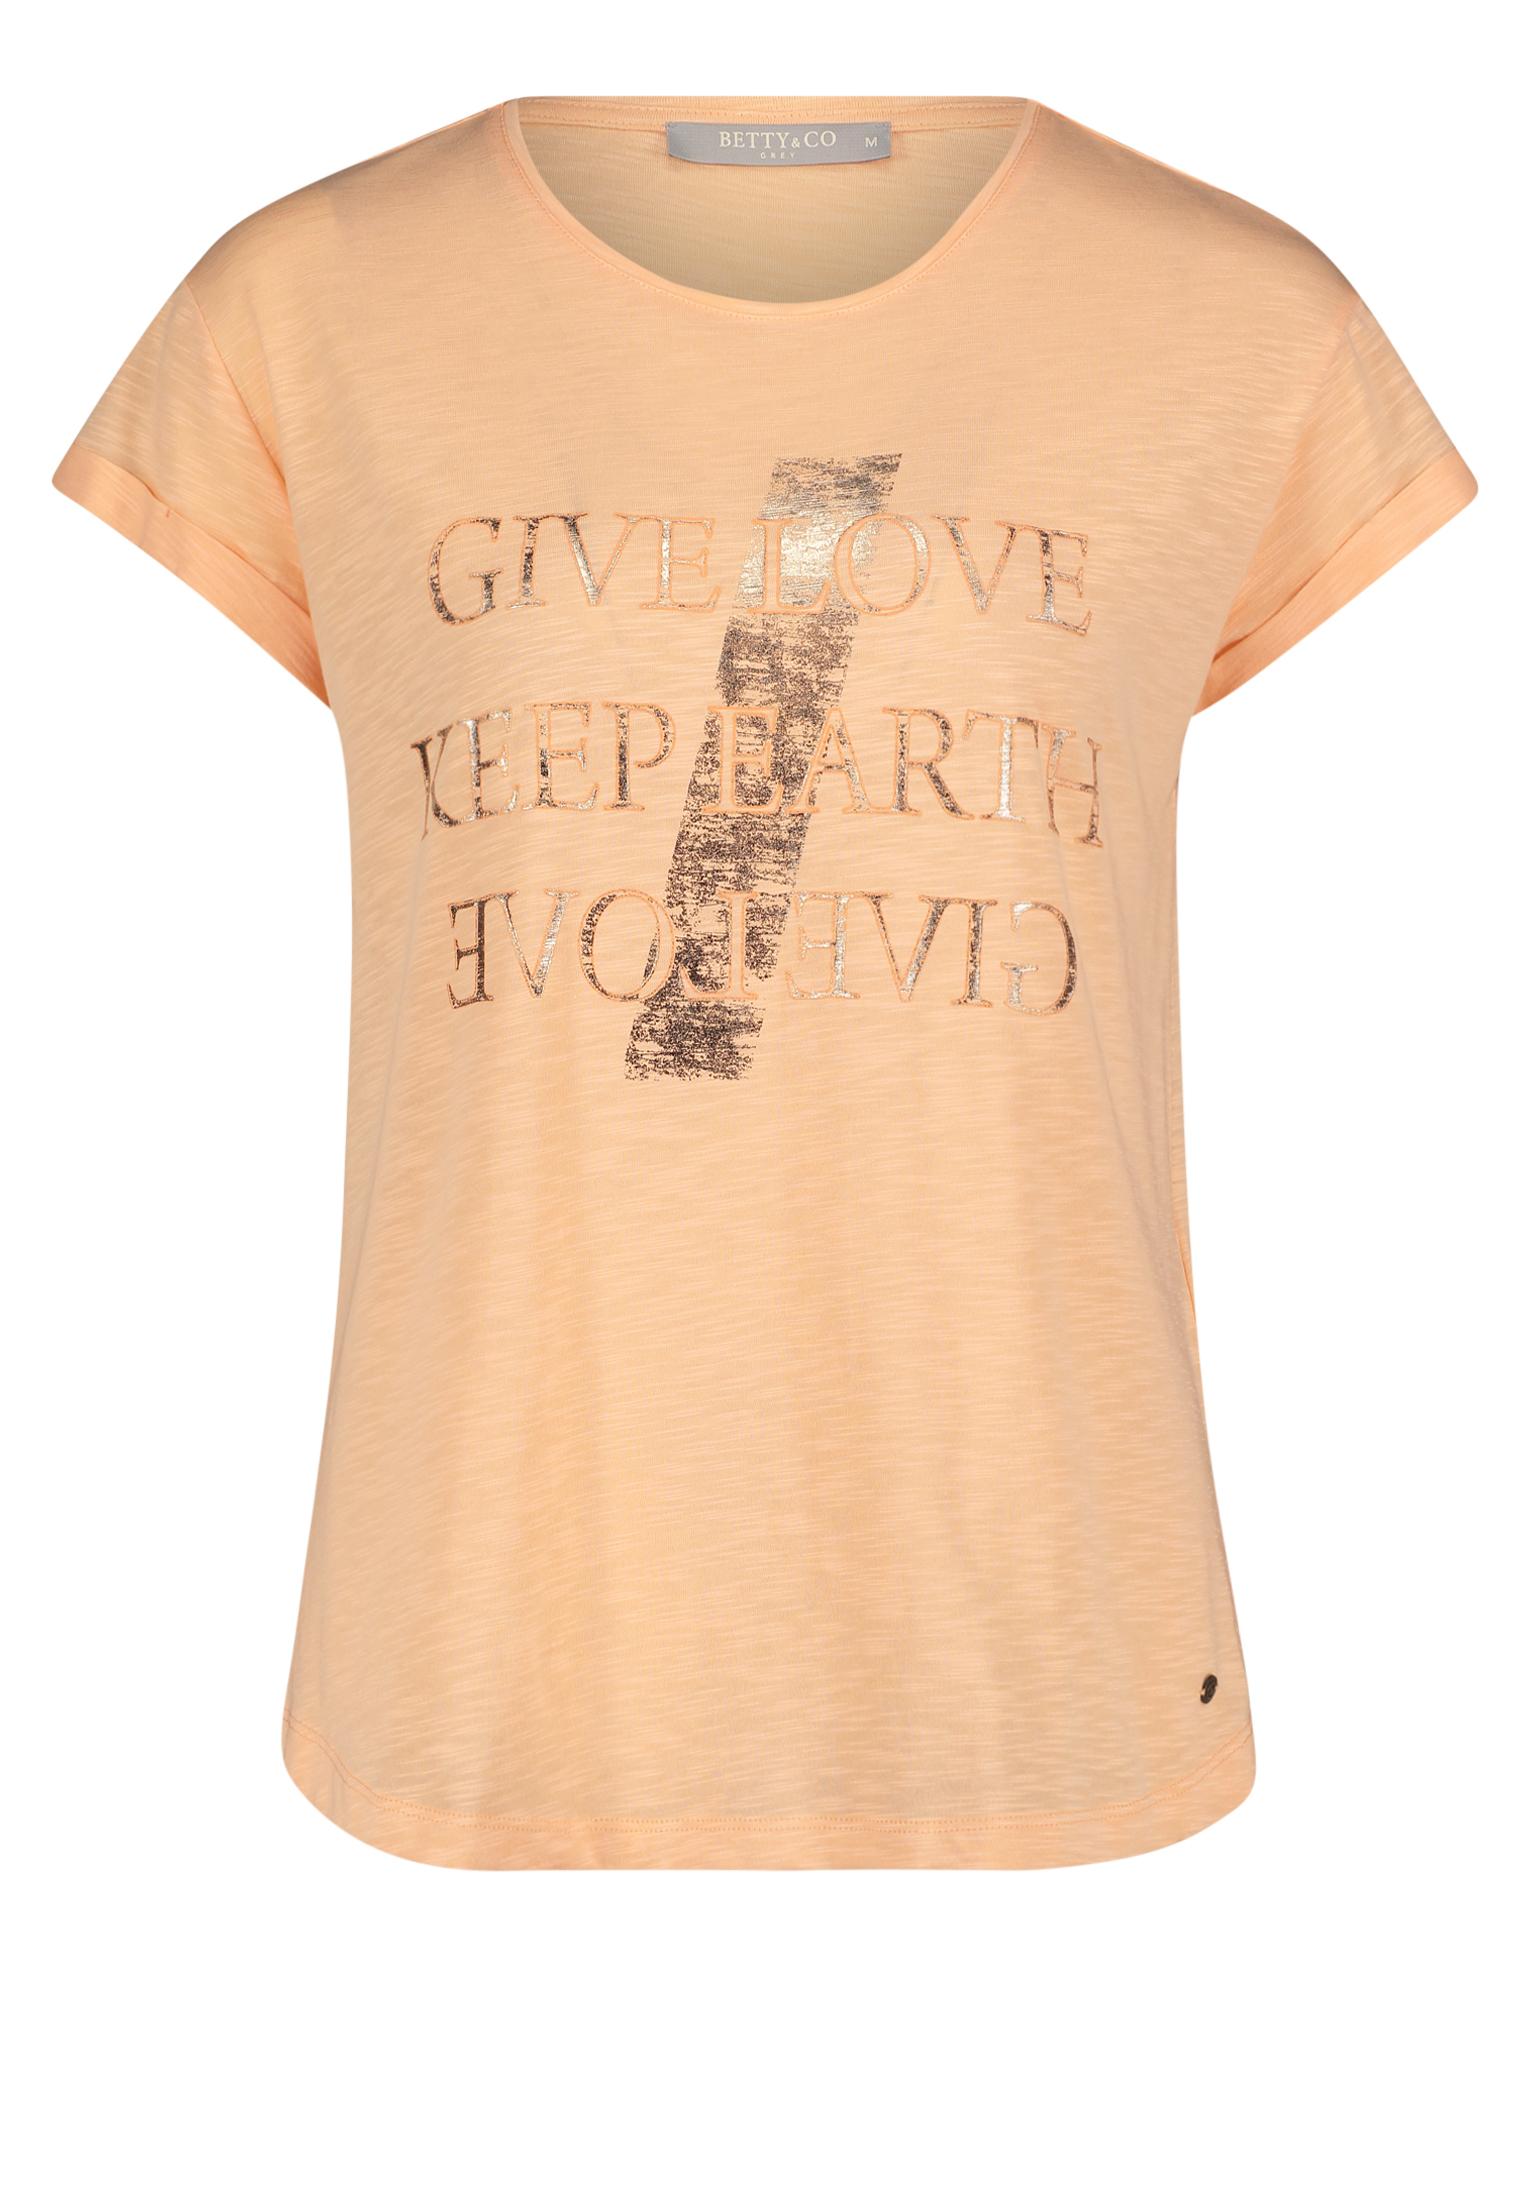 Betty & Co. kurzarm Shirt mit Aufschrift apricot